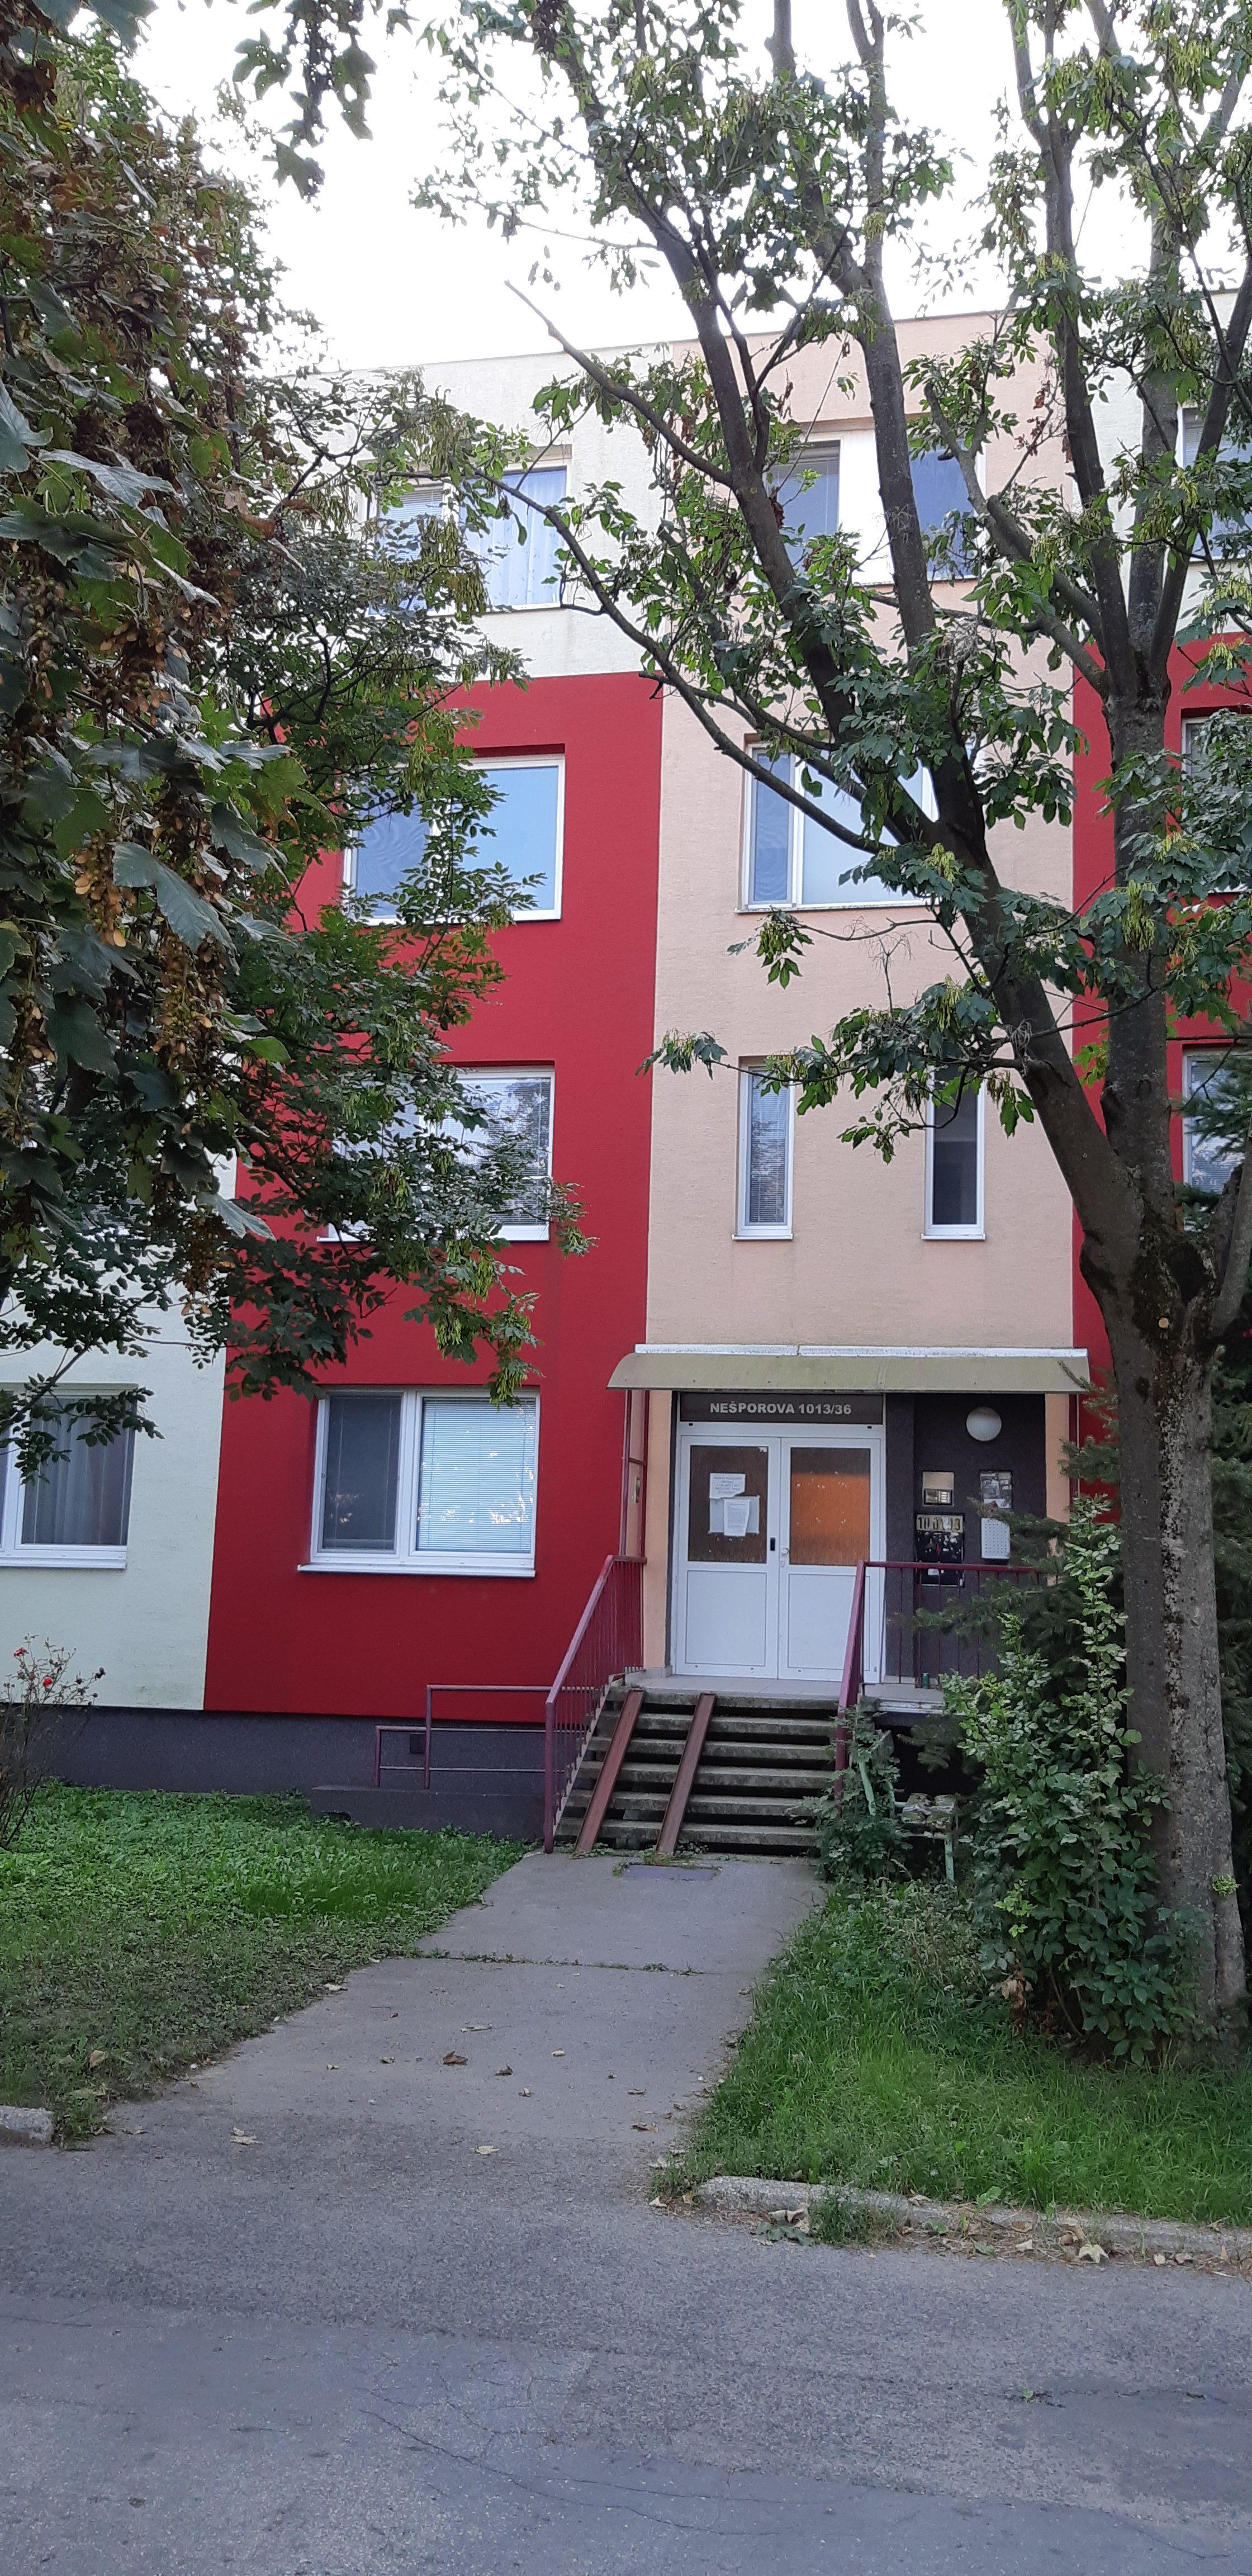 Na prenájom 3-izbový byt Šaľa, Nešporova ulica